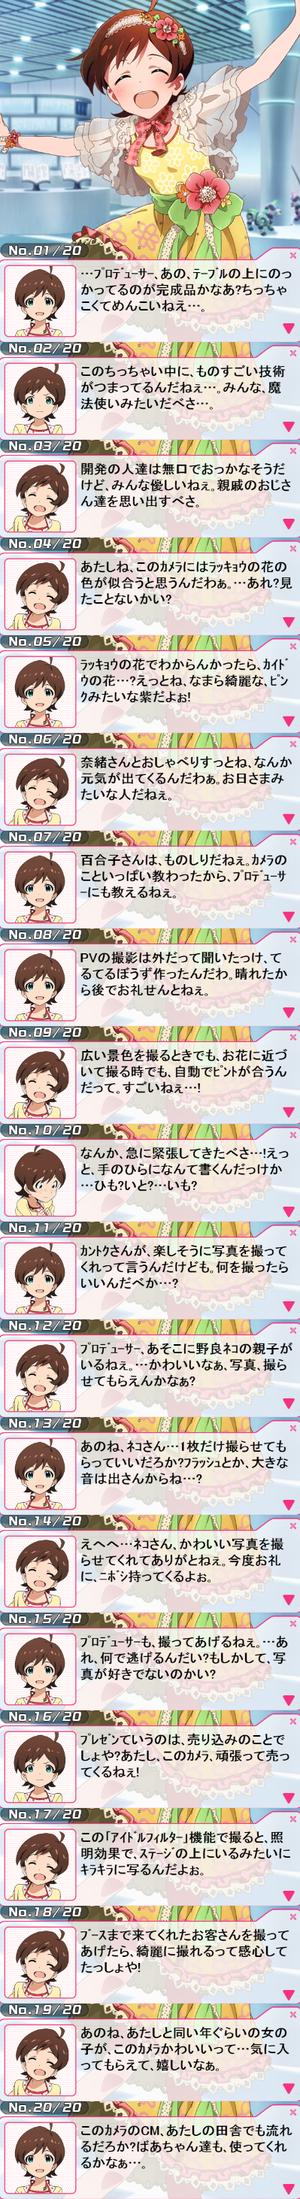 ひなた30-成功